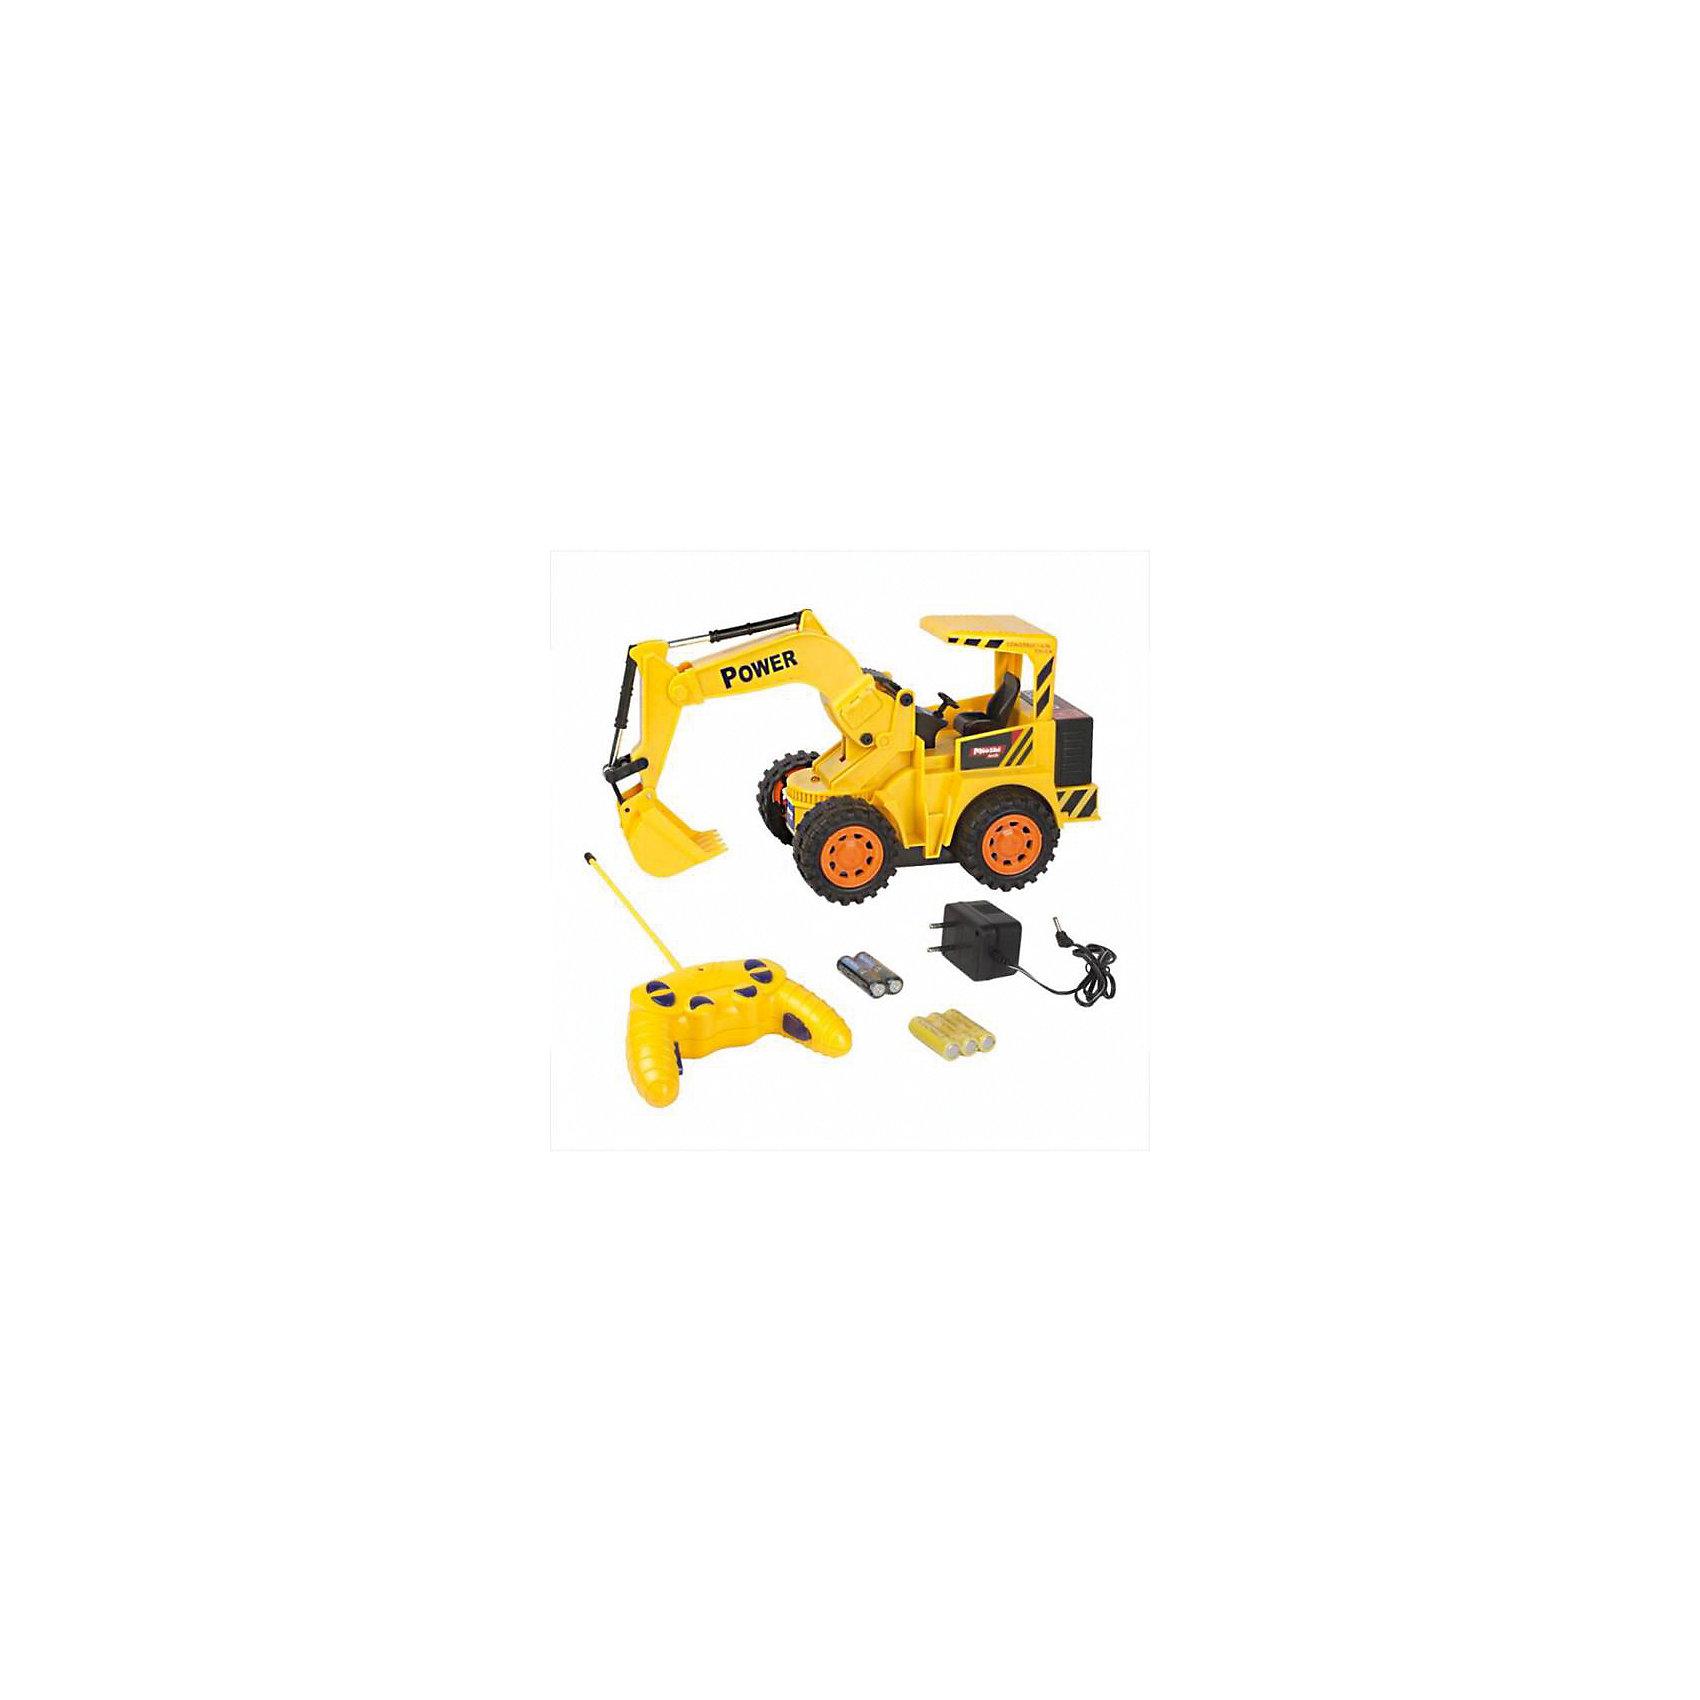 Экскаватор колёсный на р/у, Mioshi TechИдеи подарков<br>Характеристики товара:<br><br>• возраст от 6 лет;<br>• материал: пластик;<br>• в комплекте: экскаватор, пульт, зарядное устройство, 2 батарейки АА для пульта, 3 аккумуляторных батарейки для игрушки;<br>• длина игрушки 28 см;<br>• размер упаковки 35х20,5х12,5 см;<br>• вес упаковки 854 гр.;<br>• страна производитель: Китай.<br><br>Экскаватор колесный Mioshi Tech — радиоуправляемая игрушка, которая умеет ездить вперед и назад, поворачивать, а также выполнять трюки при нажатии специальных кнопок. Ковш экскаватора опускается и поднимается, изображая настоящие строительные работы. Игрушка оснащена световыми эффектами, делающими игру еще увлекательней. Экскаватор изготовлен из качественного прочного пластика.<br><br>Экскаватор колесный Mioshi Tech можно приобрести в нашем интернет-магазине.<br><br>Ширина мм: 350<br>Глубина мм: 125<br>Высота мм: 205<br>Вес г: 854<br>Возраст от месяцев: 72<br>Возраст до месяцев: 2147483647<br>Пол: Мужской<br>Возраст: Детский<br>SKU: 5581253